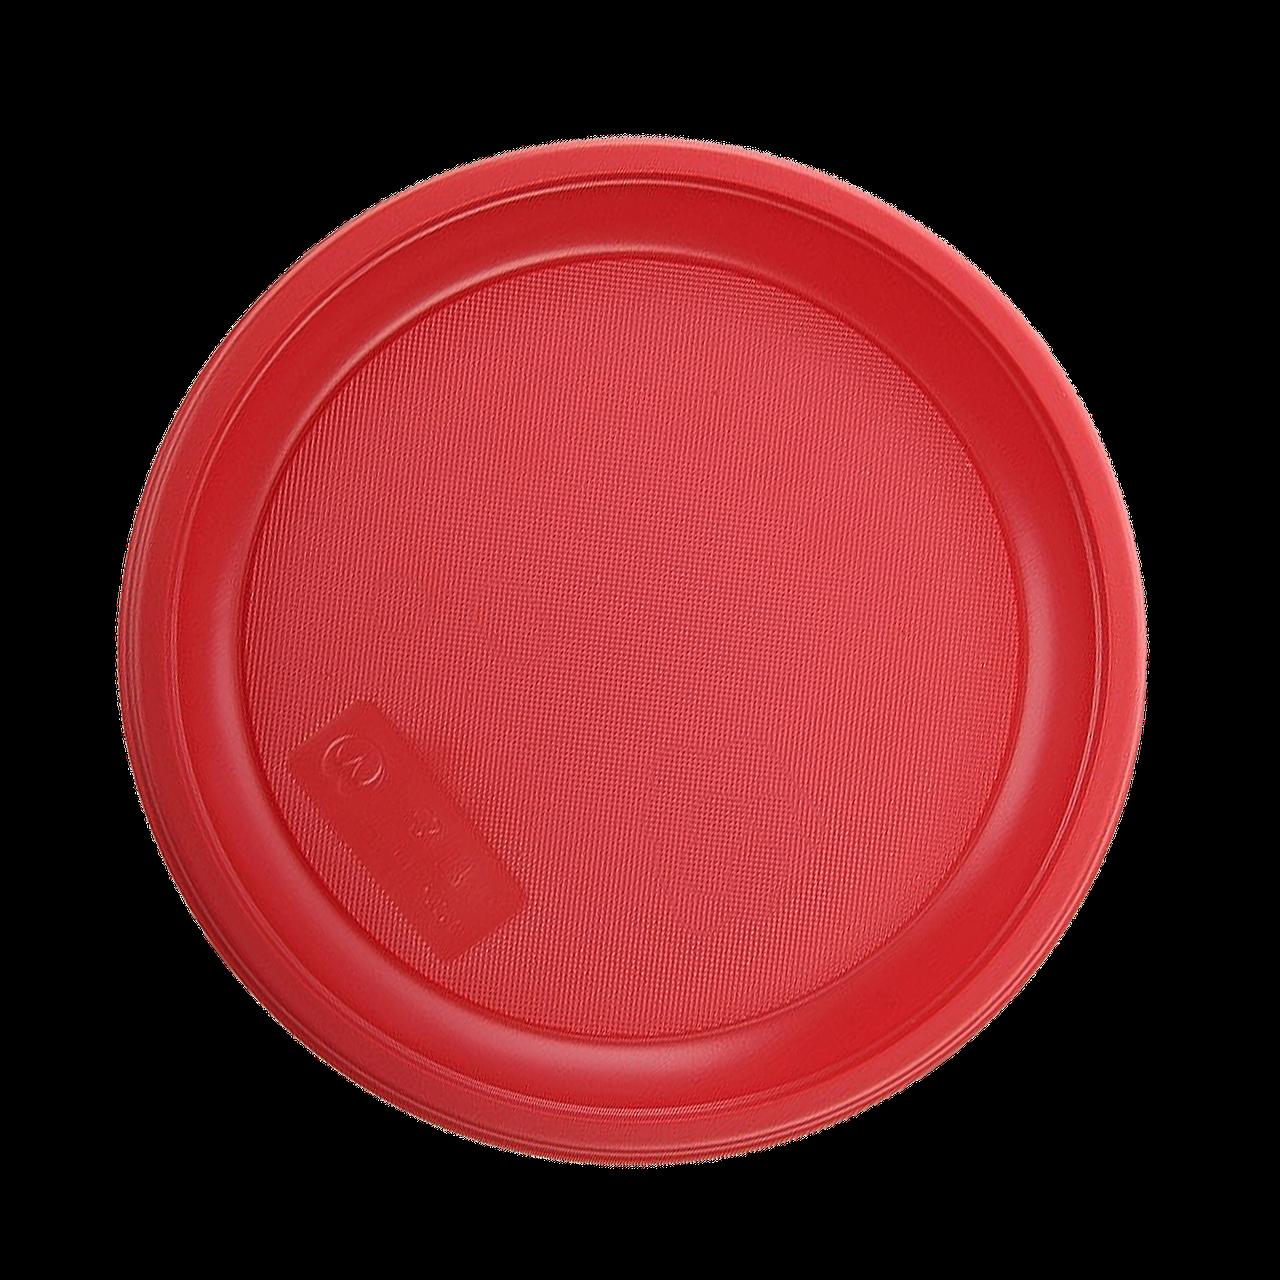 Тарілка пластикова 16см 100шт Червона